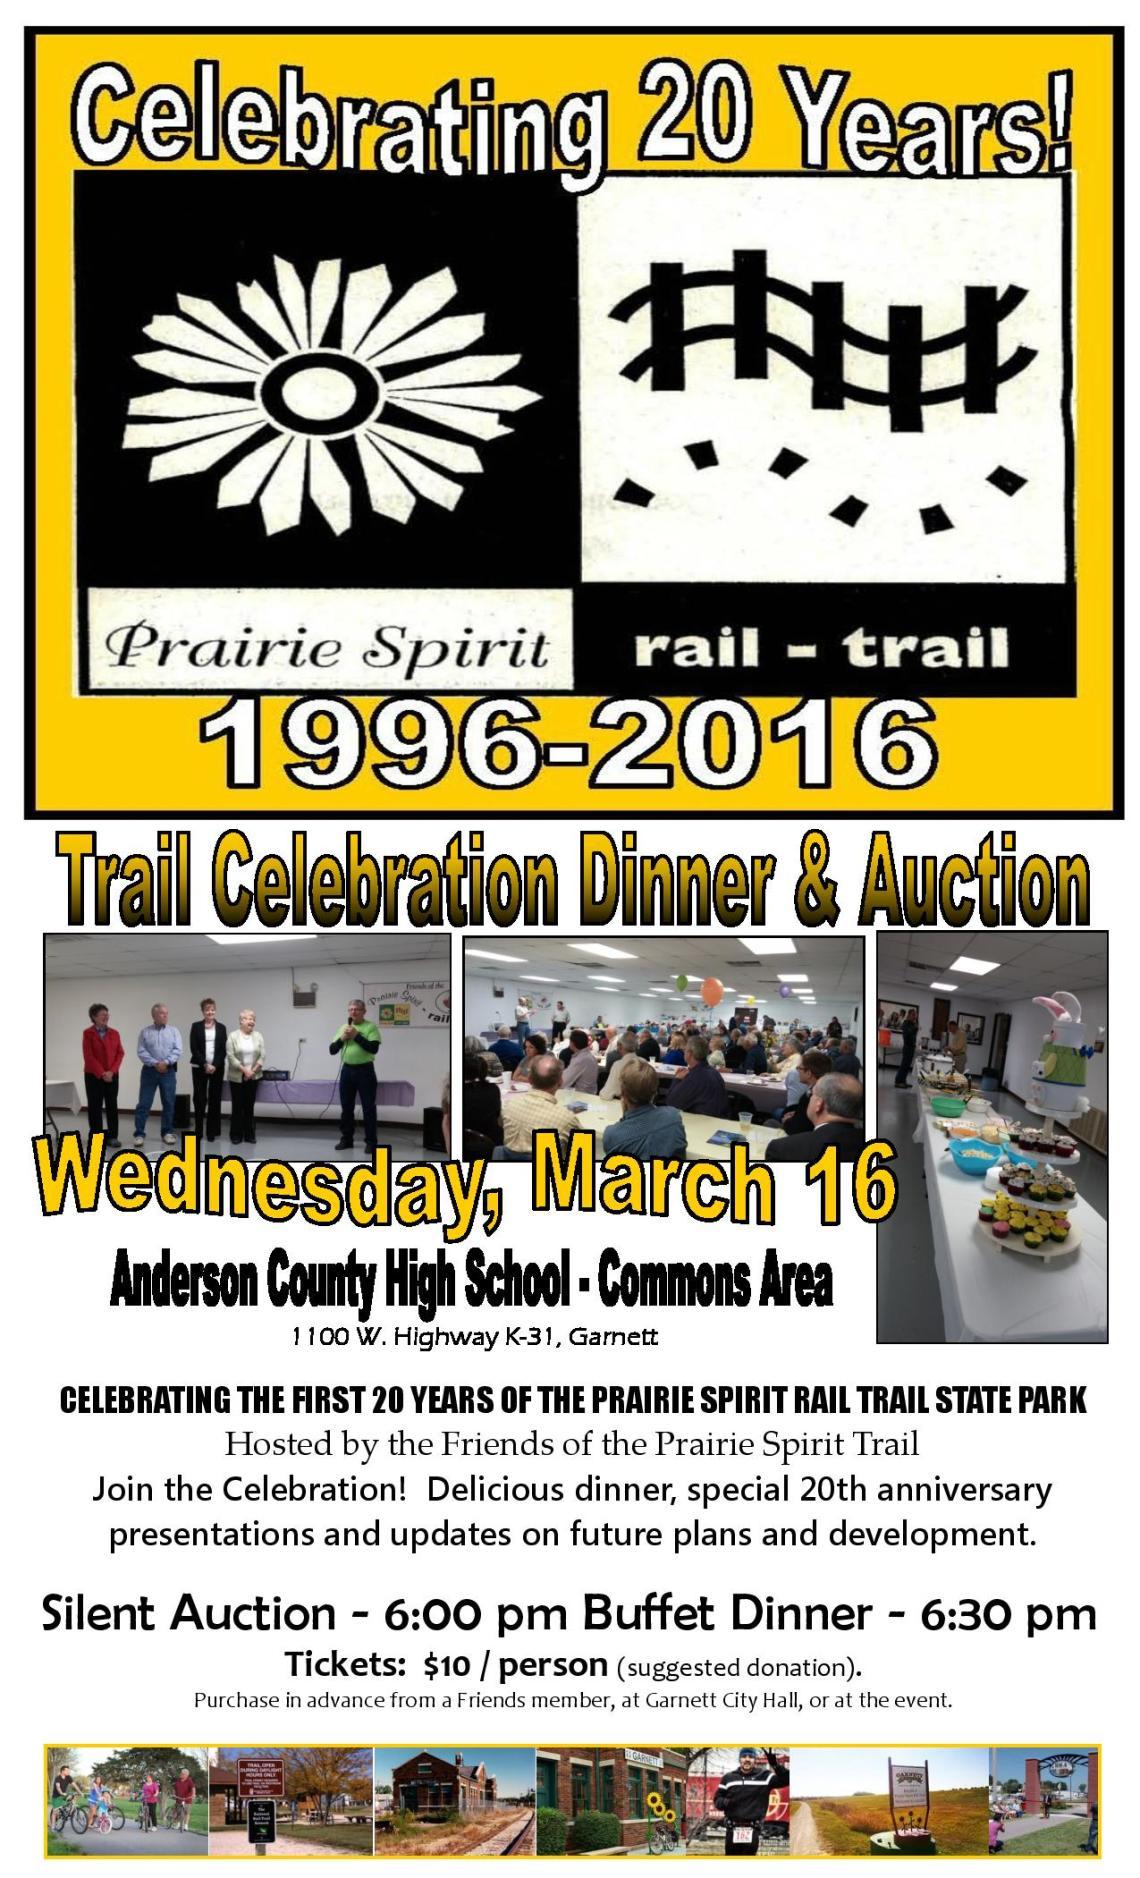 2016-PST-Celebration-20-Years